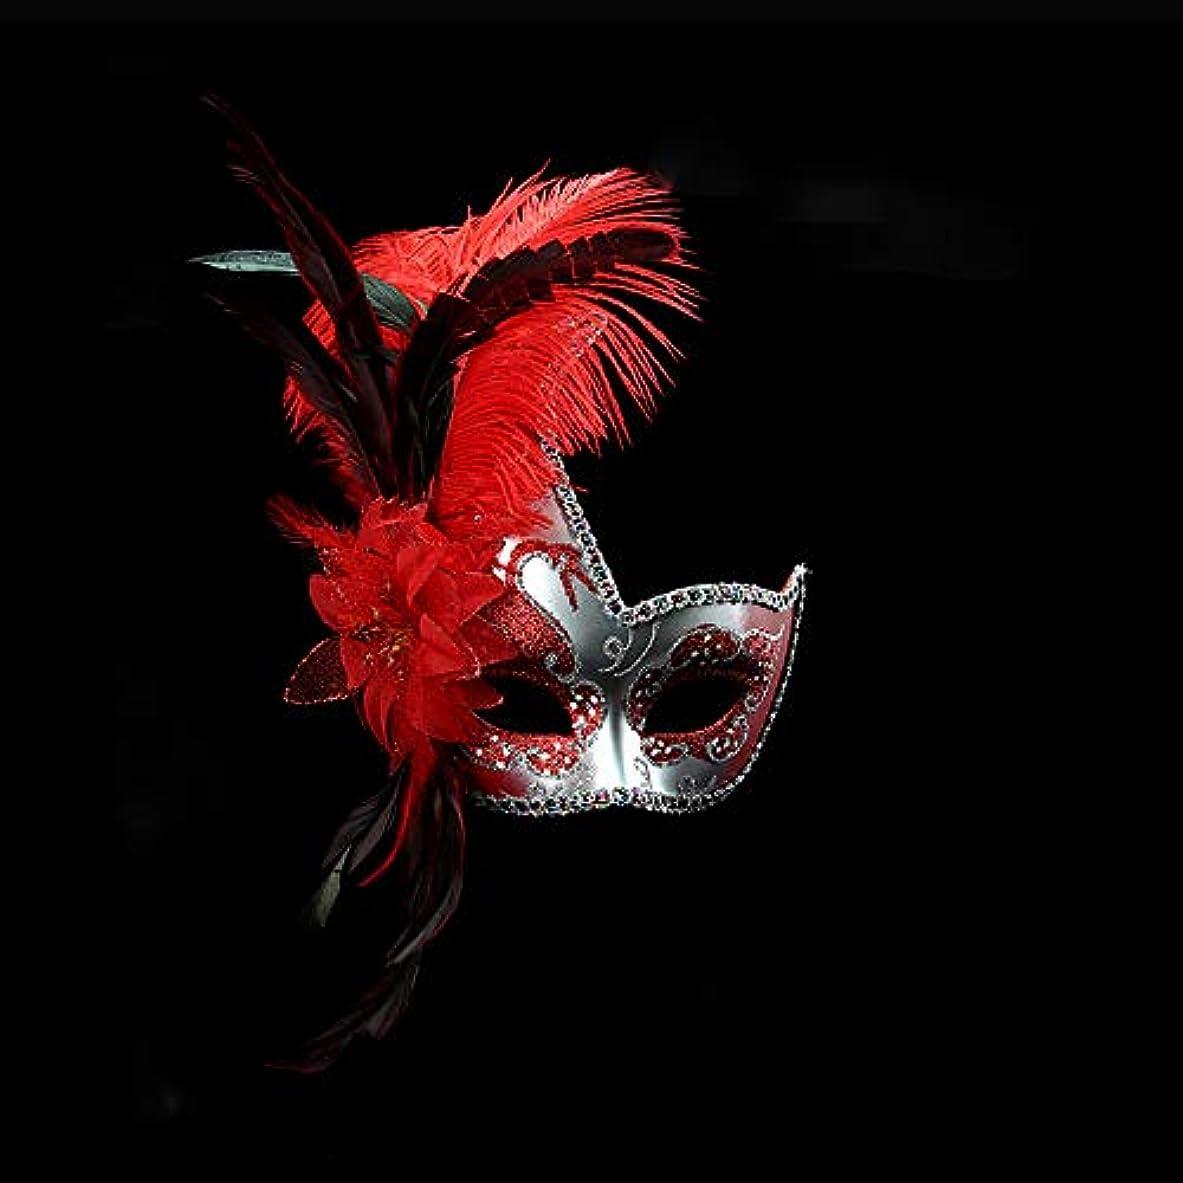 ログ光借りているNanle ハロウィンマスクハーフフェザーマスクベニスプリンセスマスク美容レース仮面ライダーコスプレ (色 : Red)